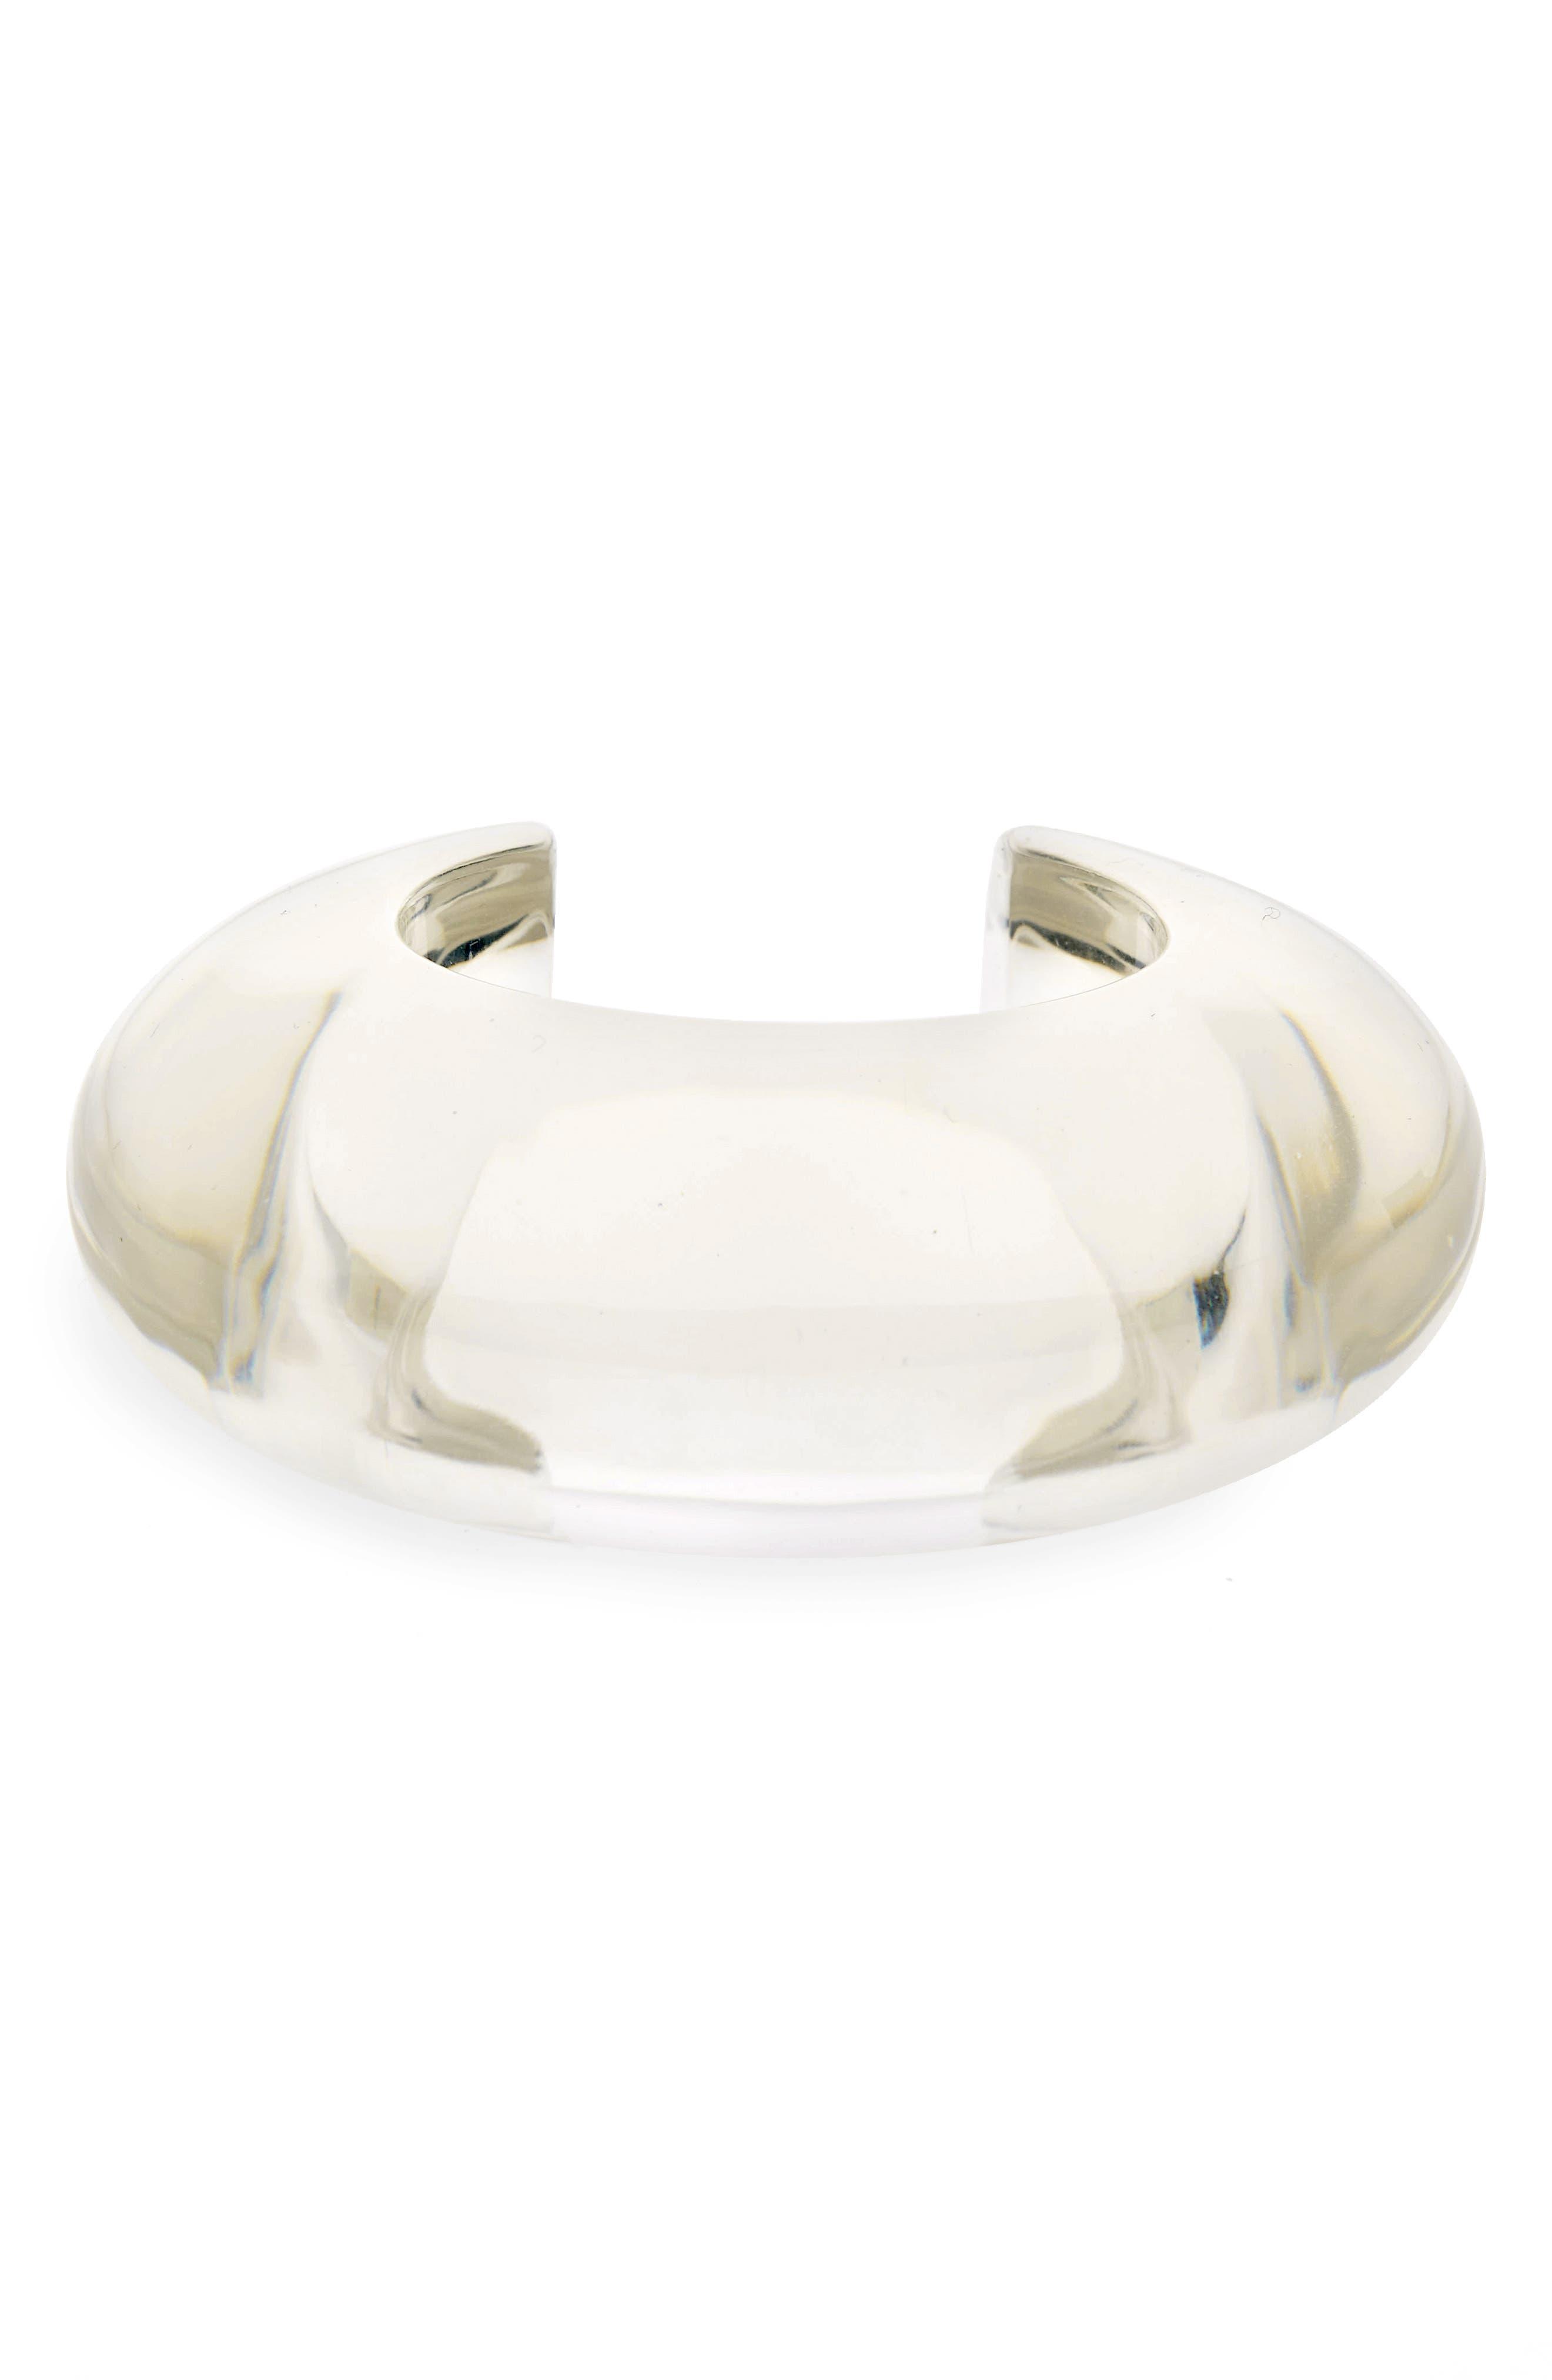 Arc Cuff Bracelet,                             Main thumbnail 1, color,